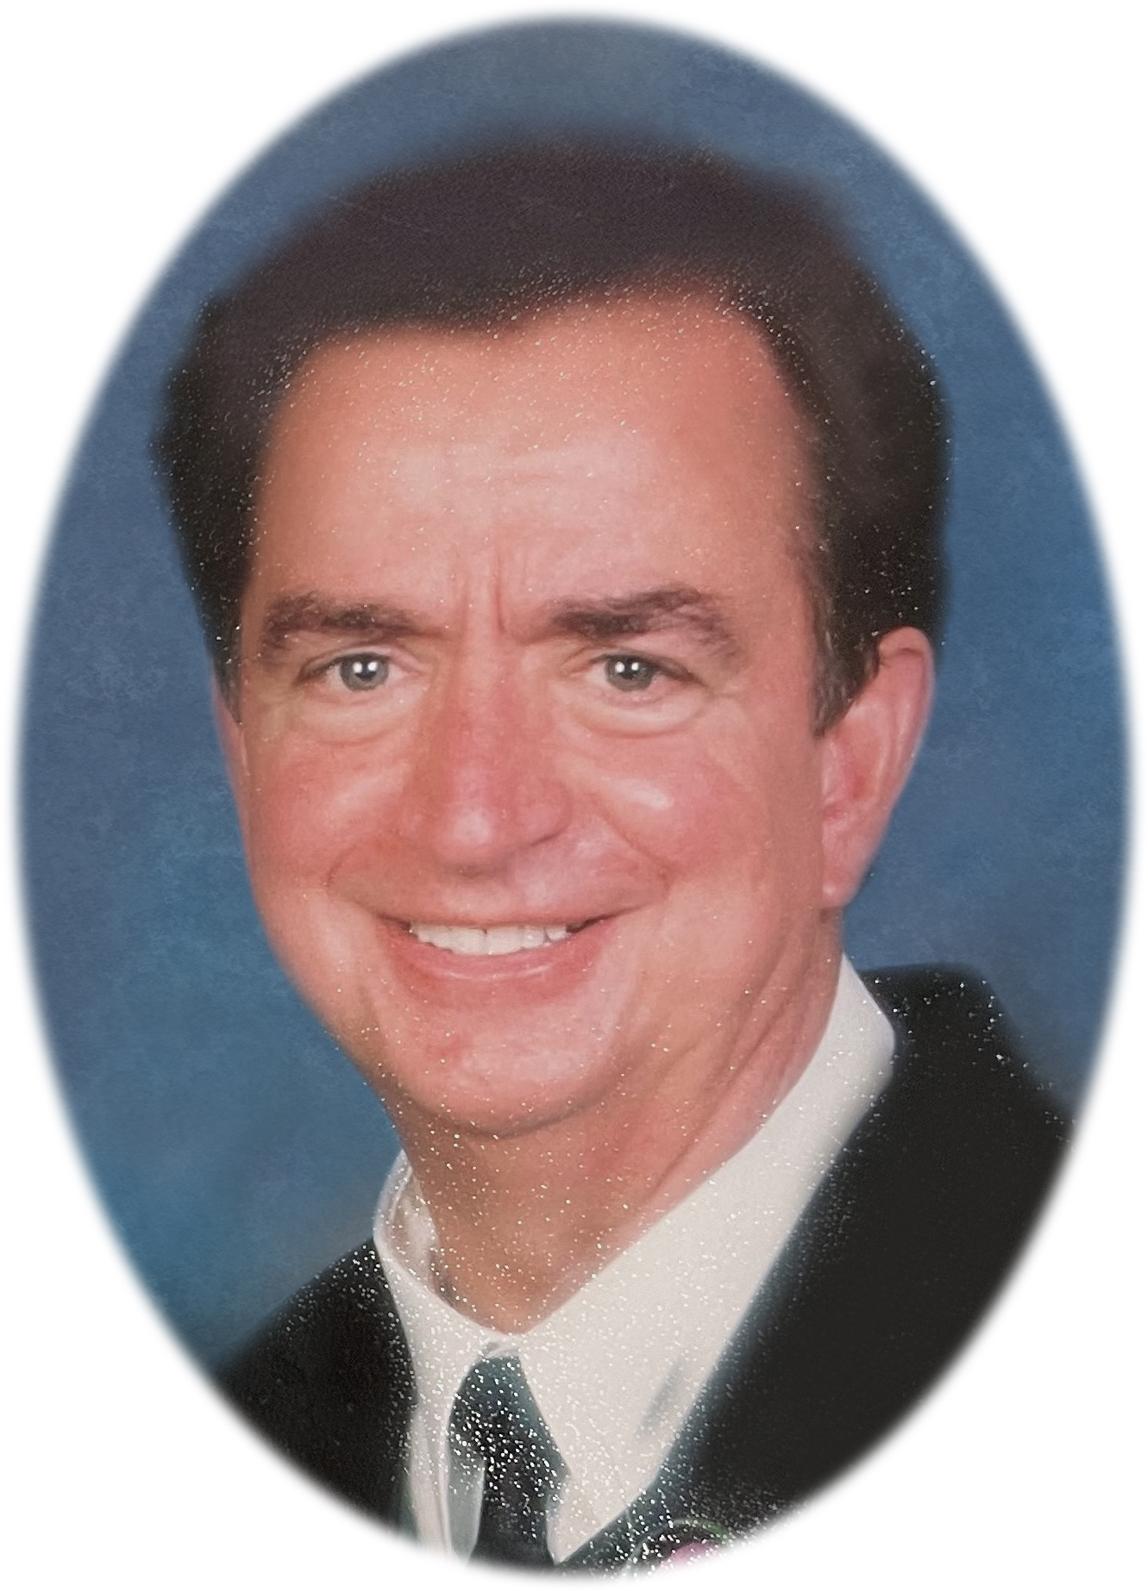 Jerry D. Horn